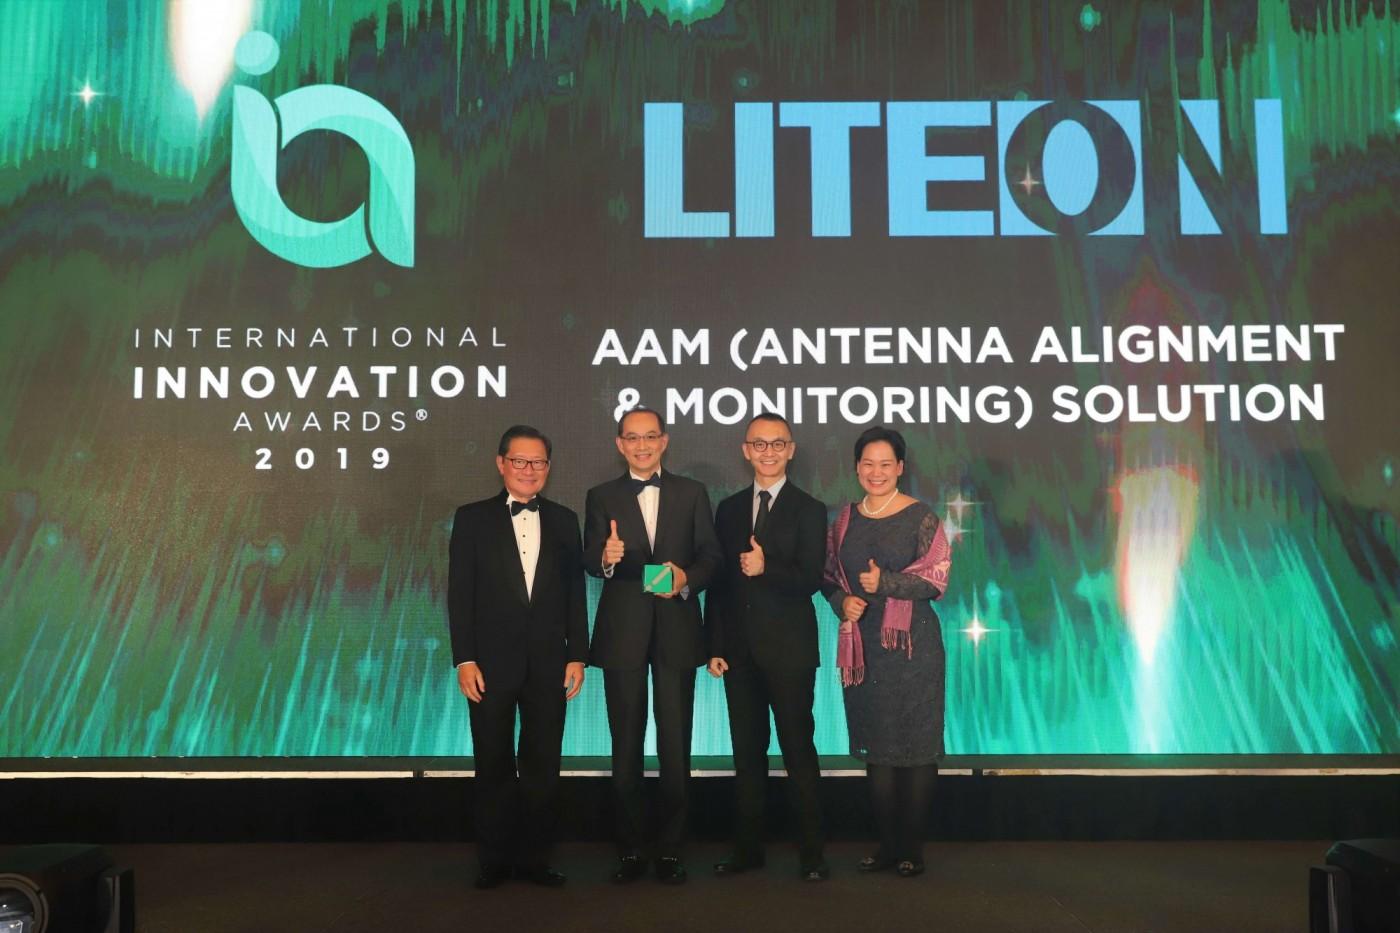 光寶科技榮獲2019 International Innovation Awards國際創新獎